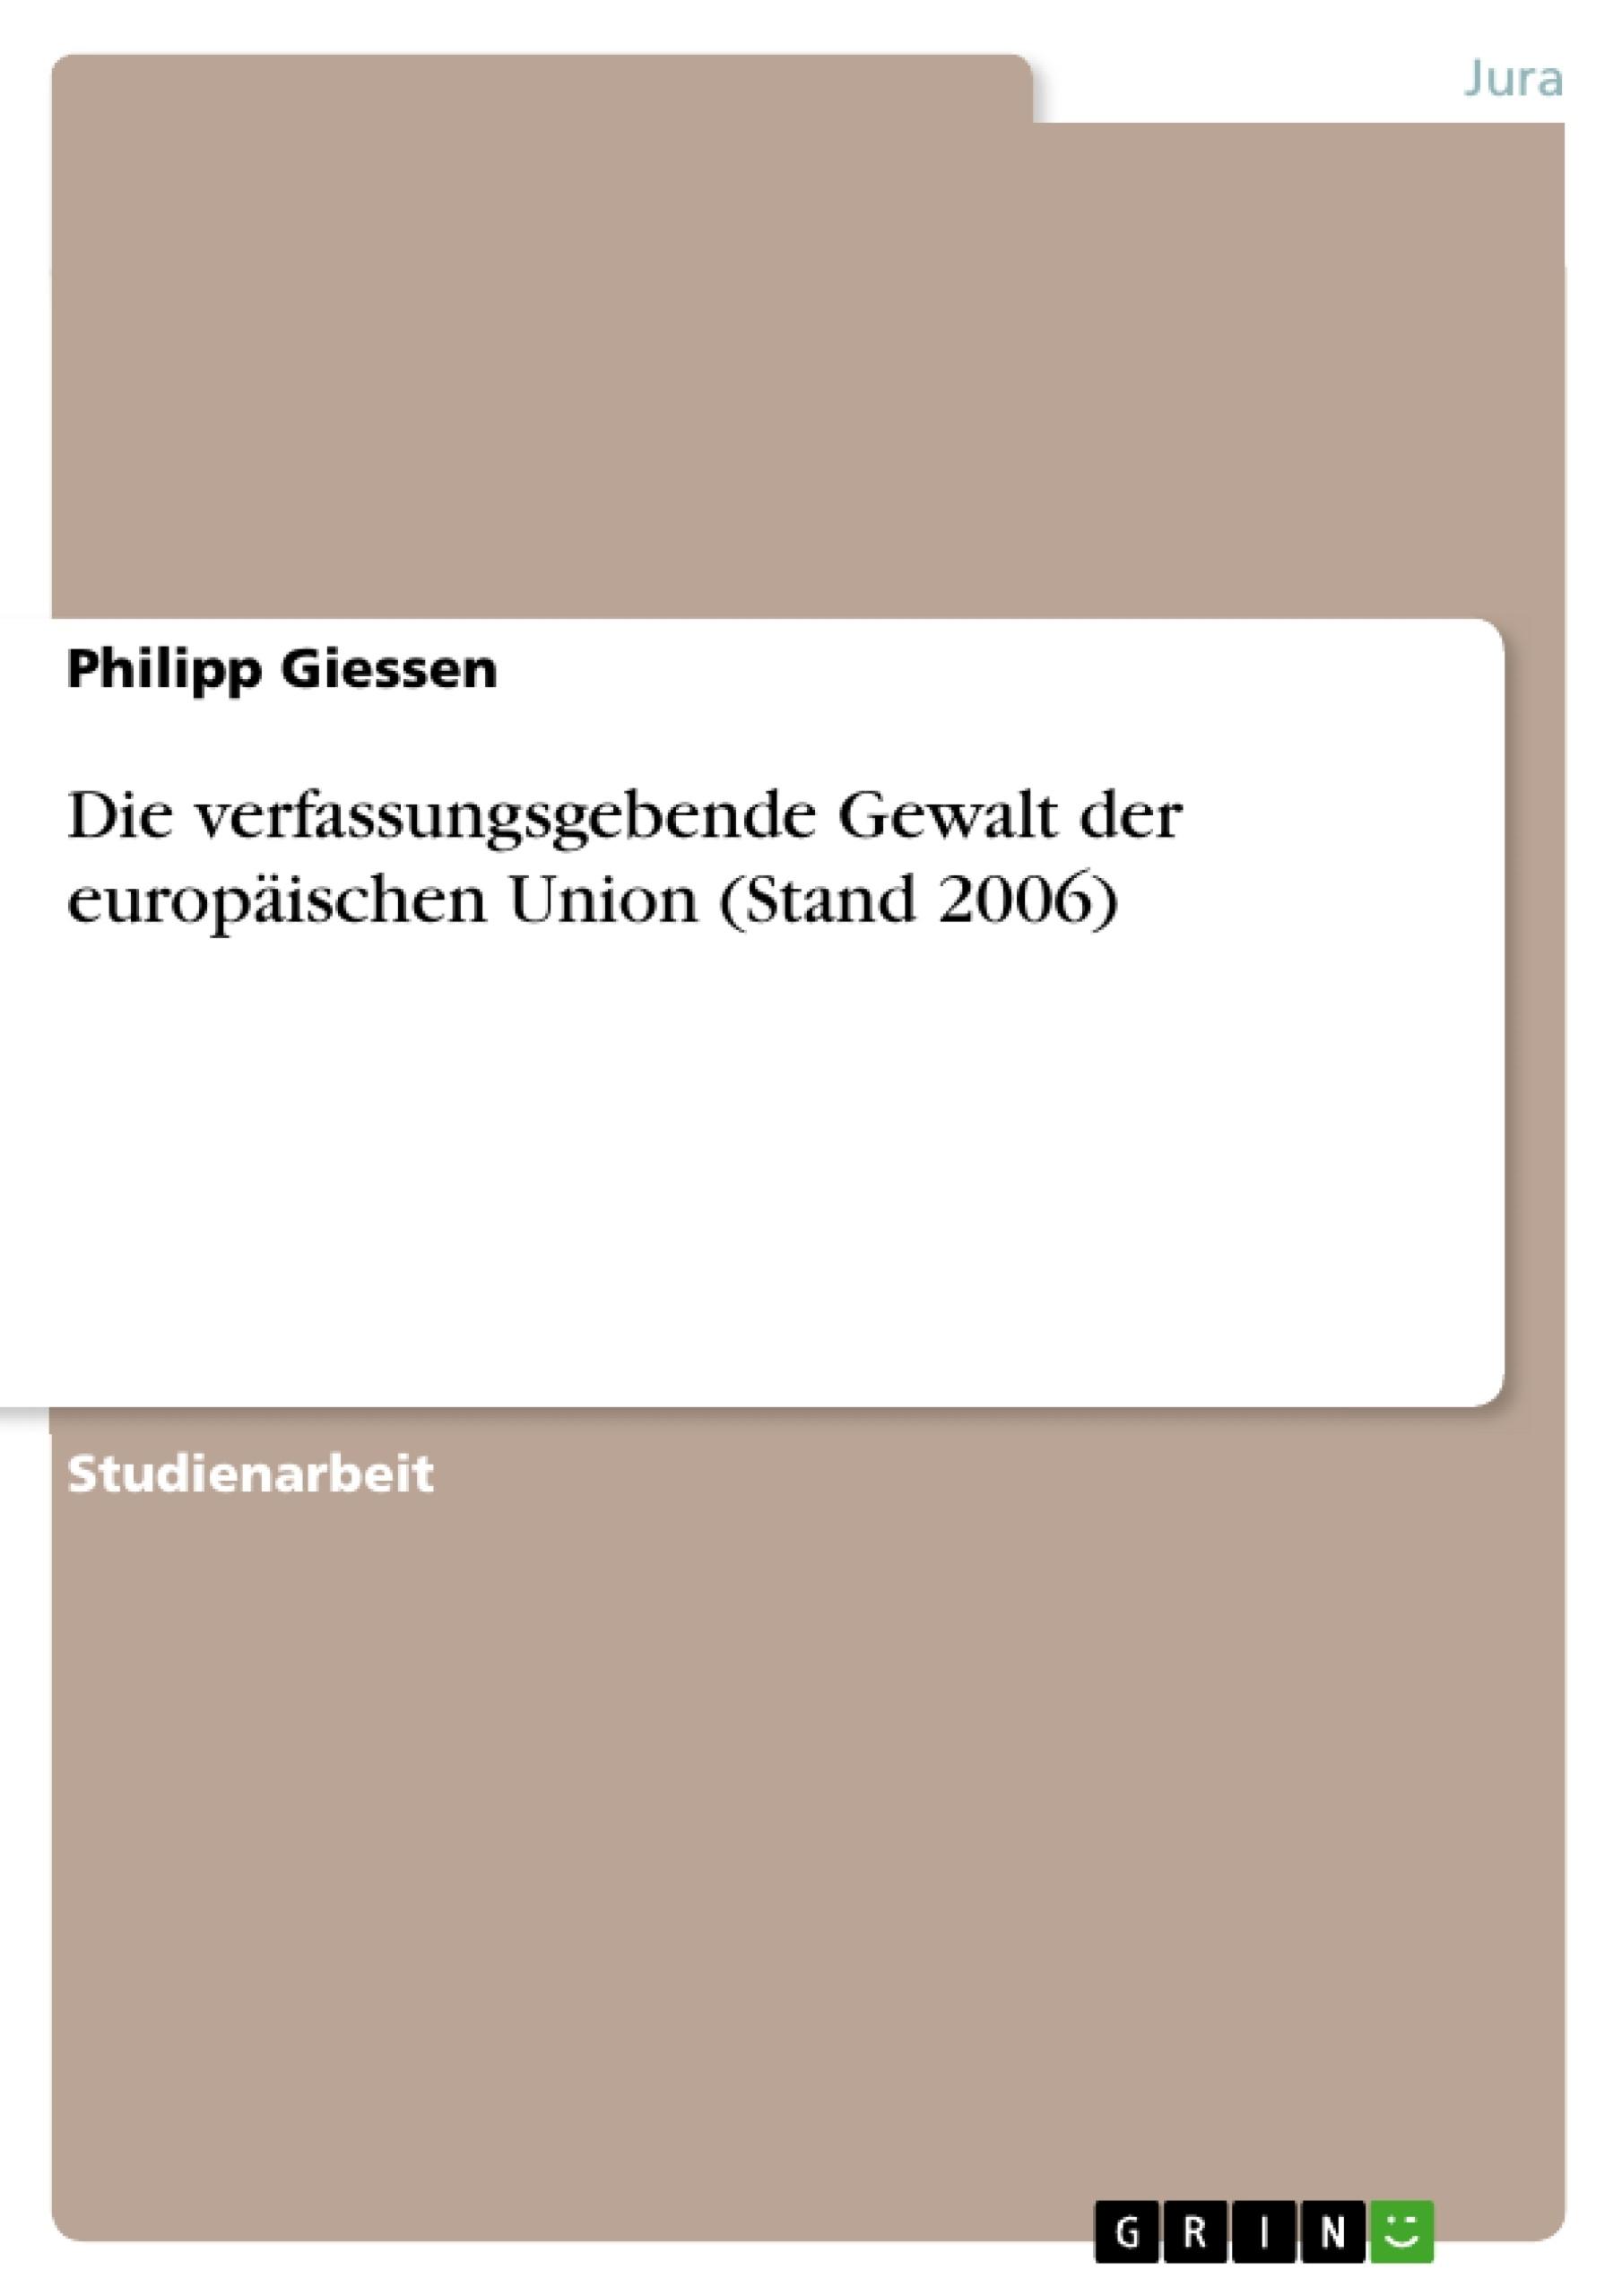 Titel: Die verfassungsgebende Gewalt der europäischen Union (Stand 2006)